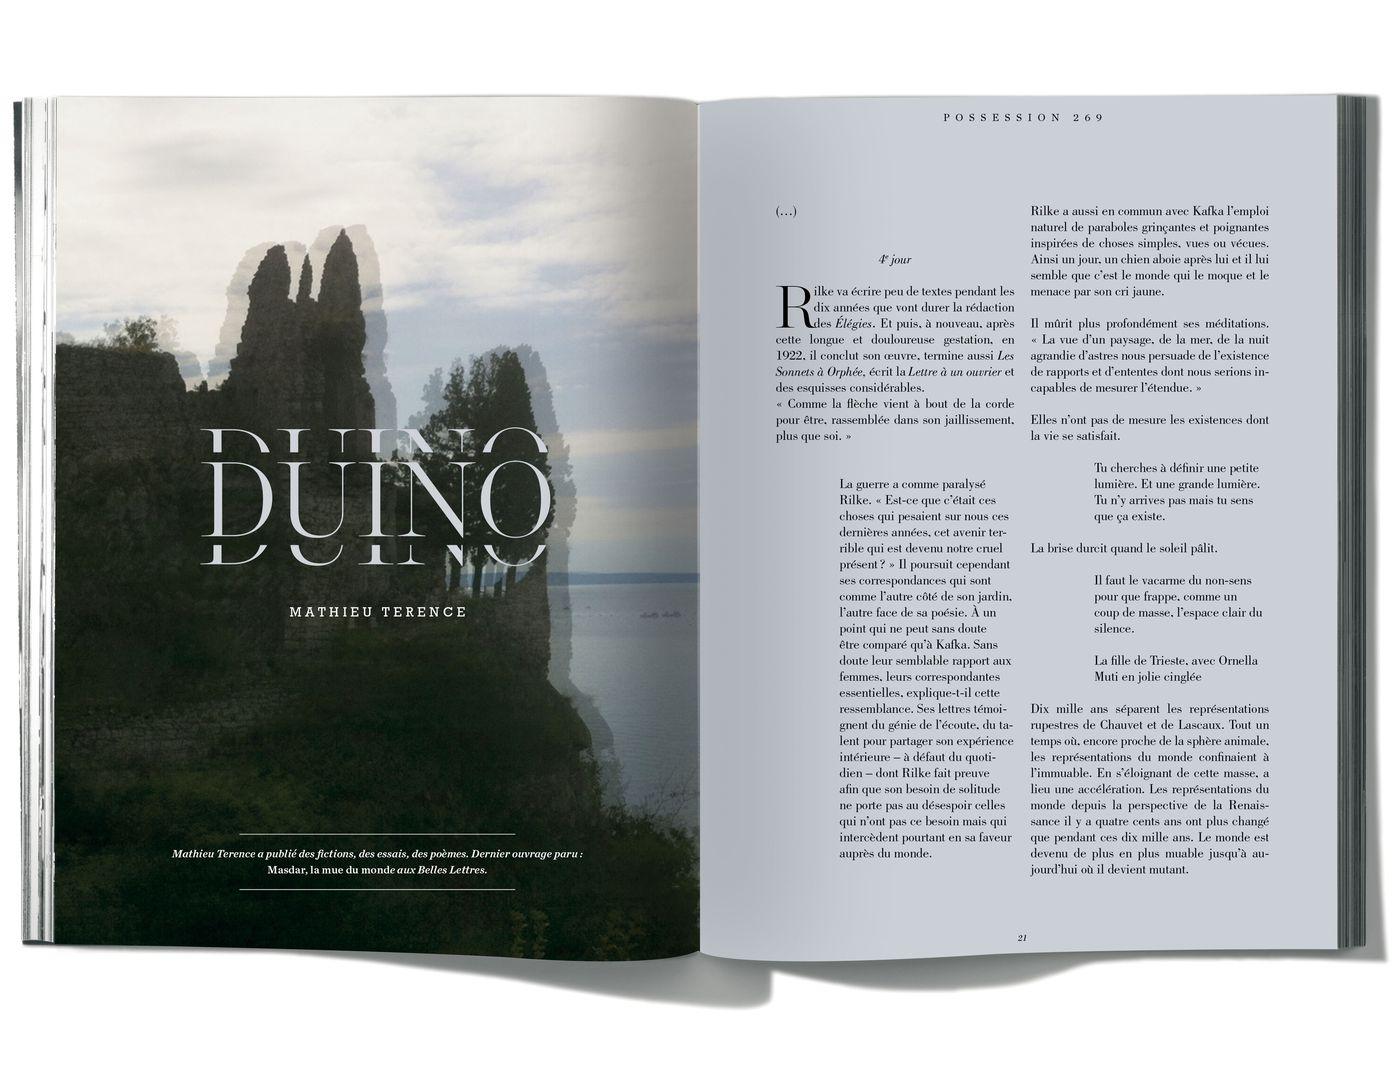 Texte de Mathieu Terence, Duino